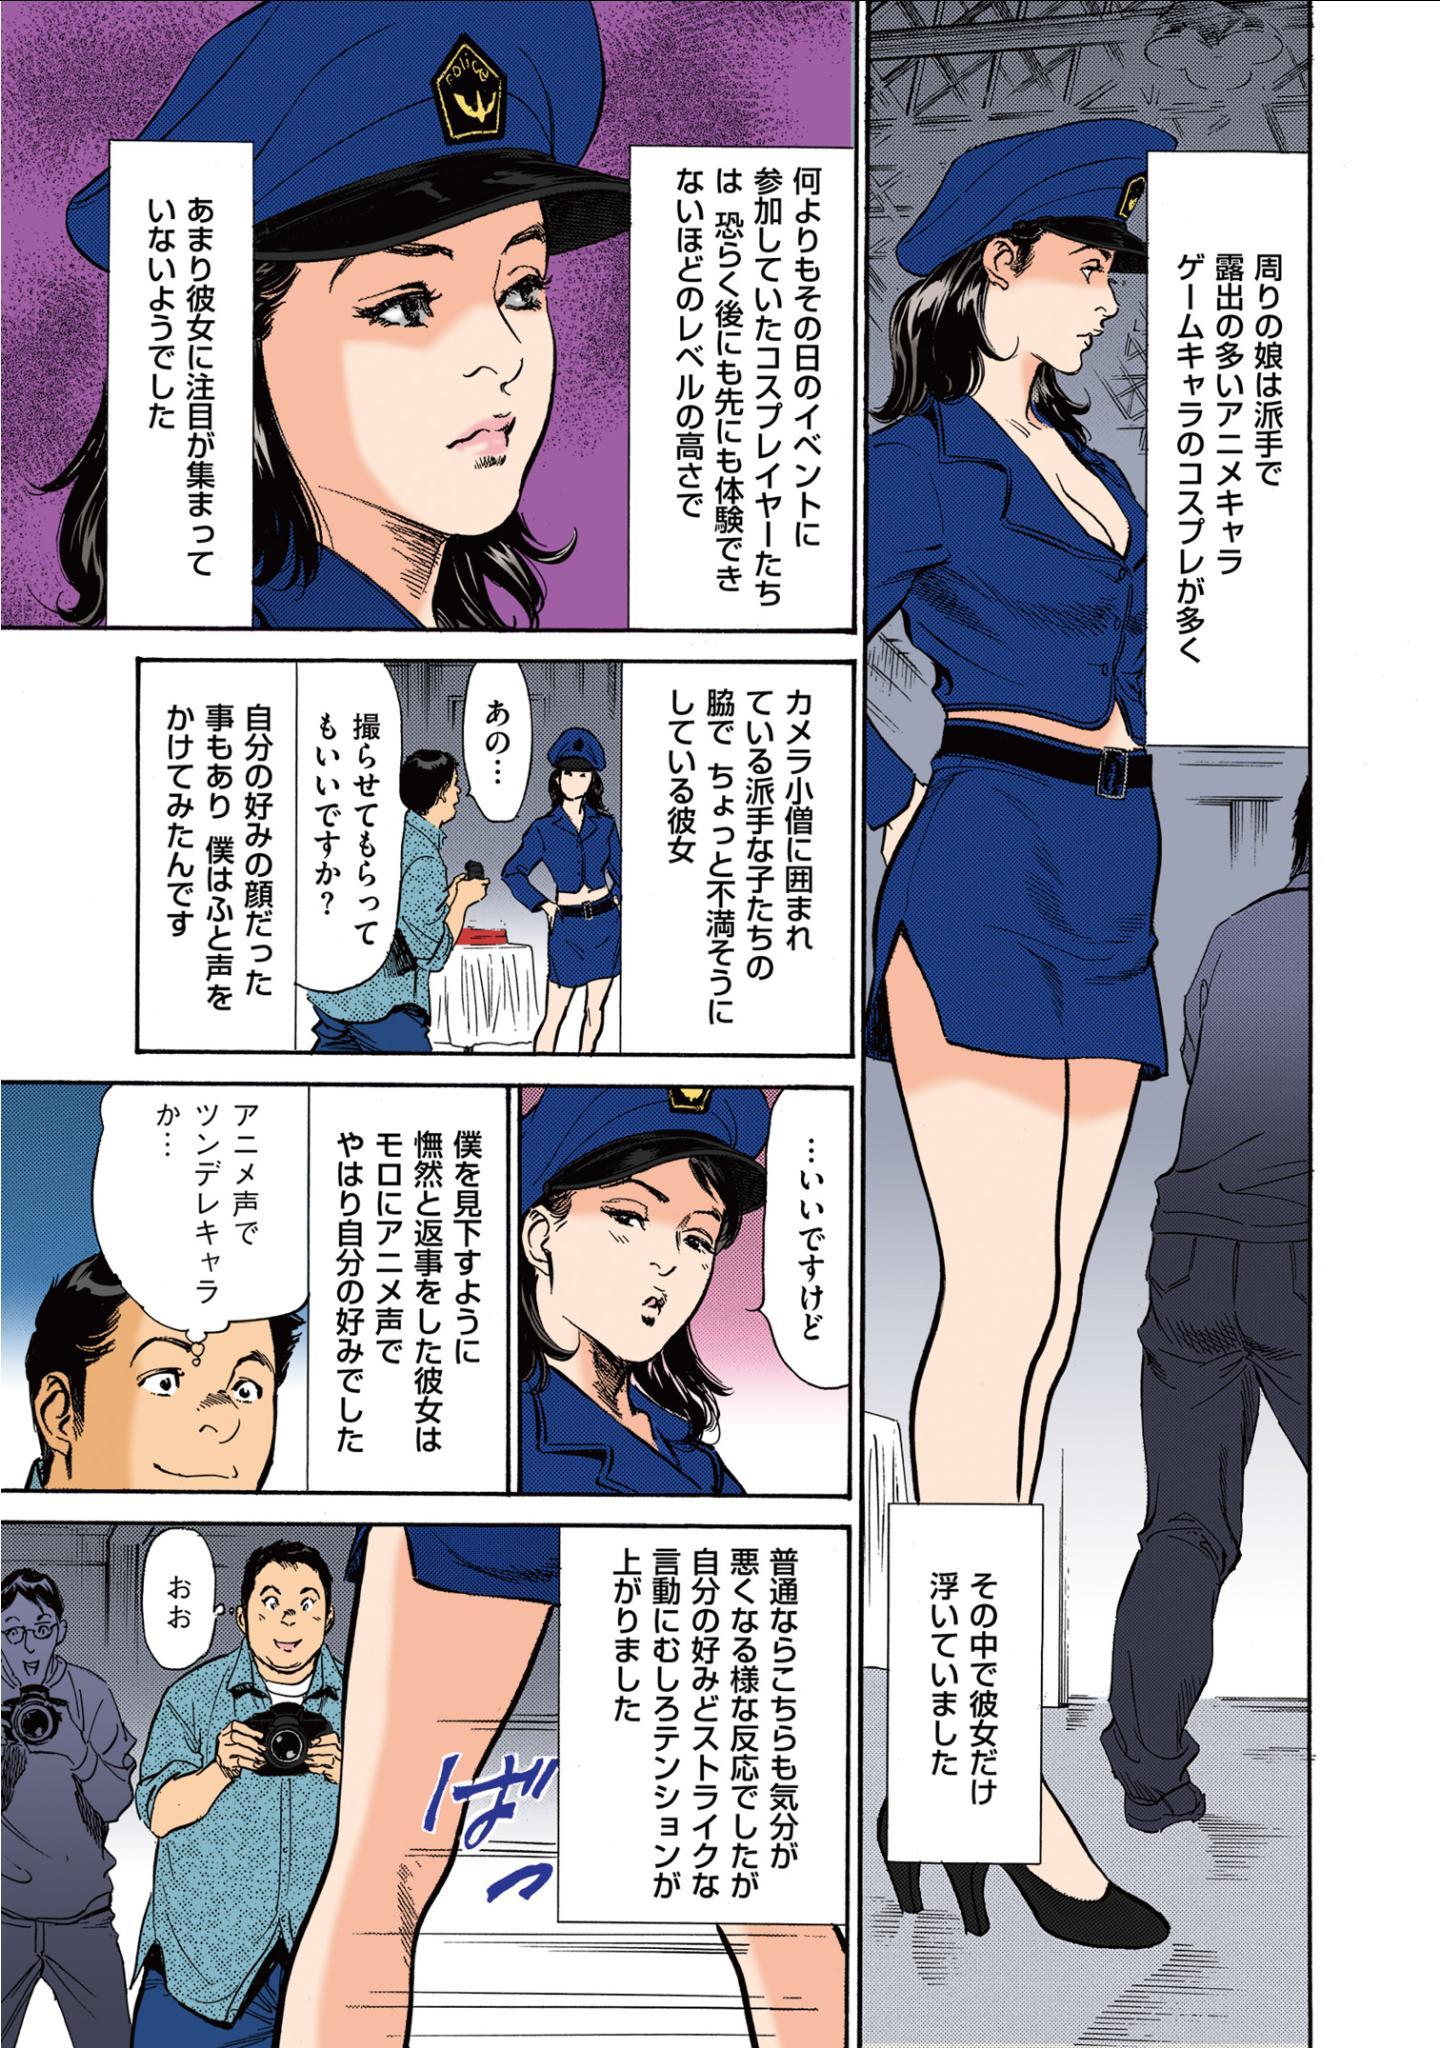 [Hazuki Kaoru] Hazuki Kaoru no Tamaranai Hanashi (Full Color Version) 1-2 54